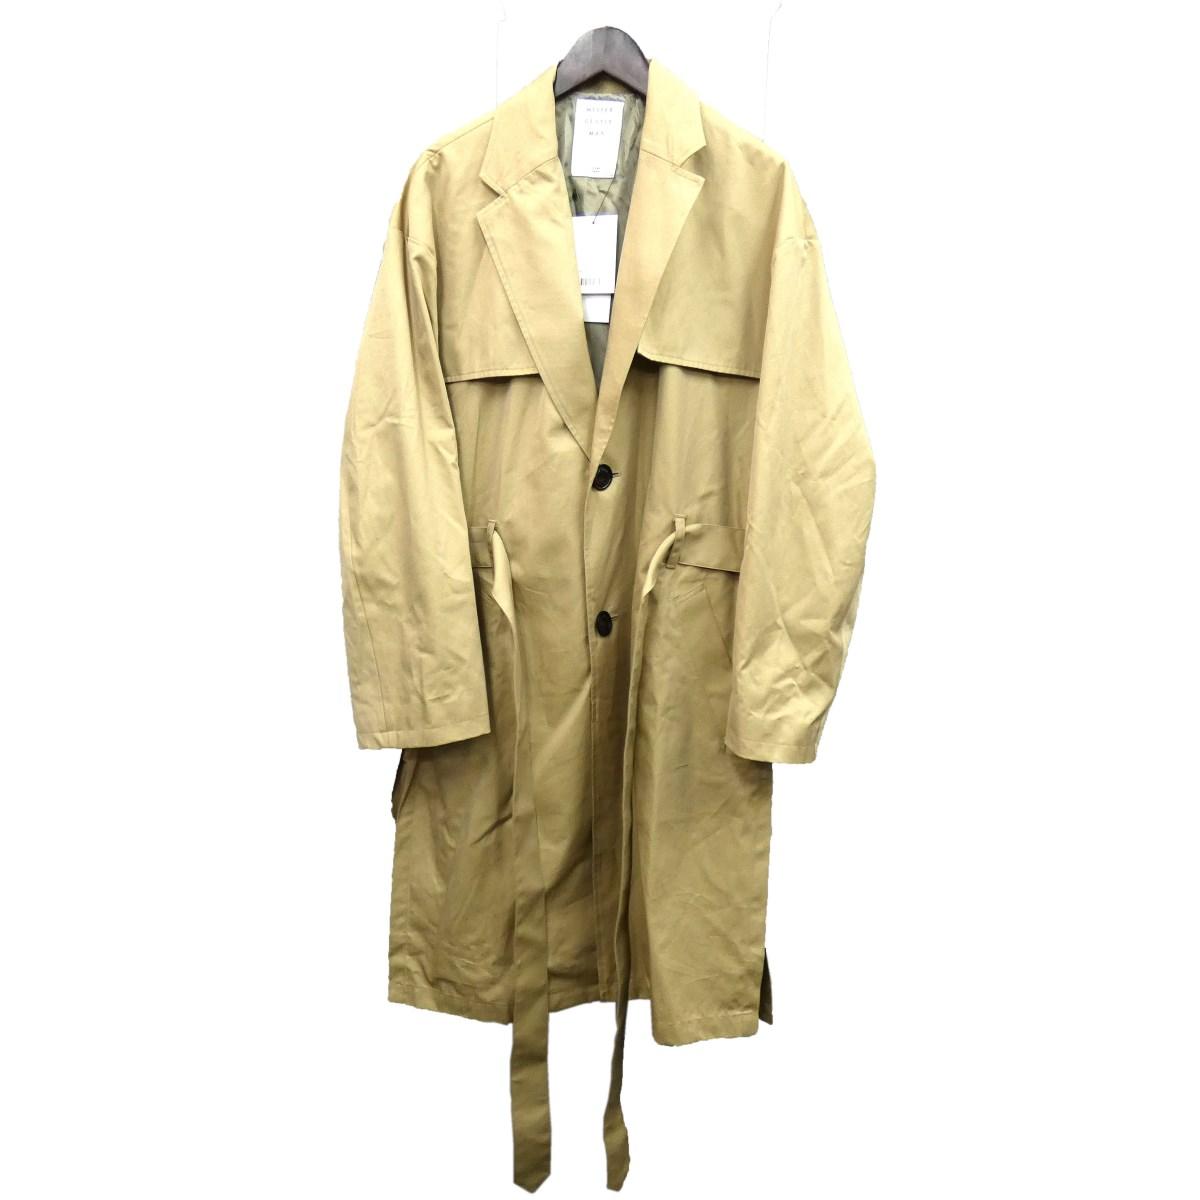 【中古】MR.GENTLEMAN 20SS 「SIDE PLEATS COAT」 トレンチコート ベージュ サイズ:M 【040420】(ミスタージェントルマン)